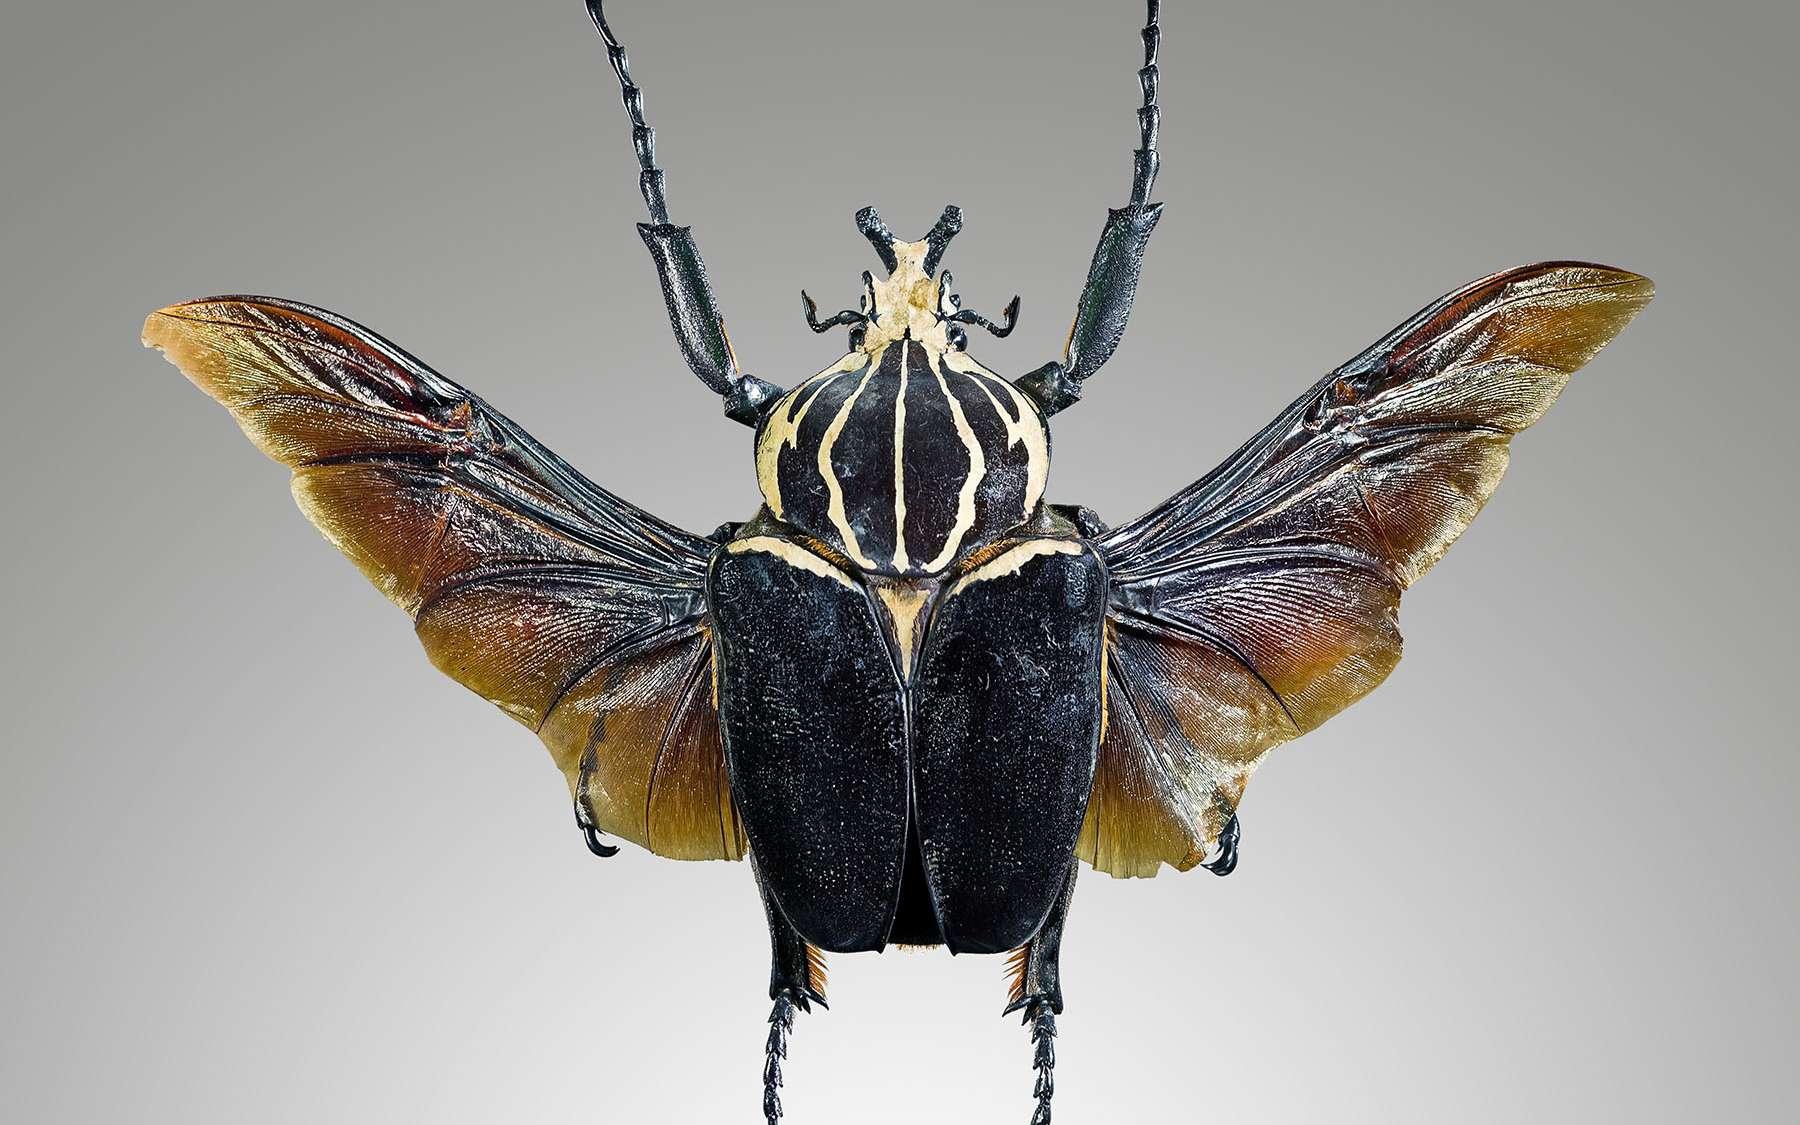 Le scarabée goliath, Goliathus goliathus. © Didier Descouens, Wikimedia Commons, CC by-sa 4.0